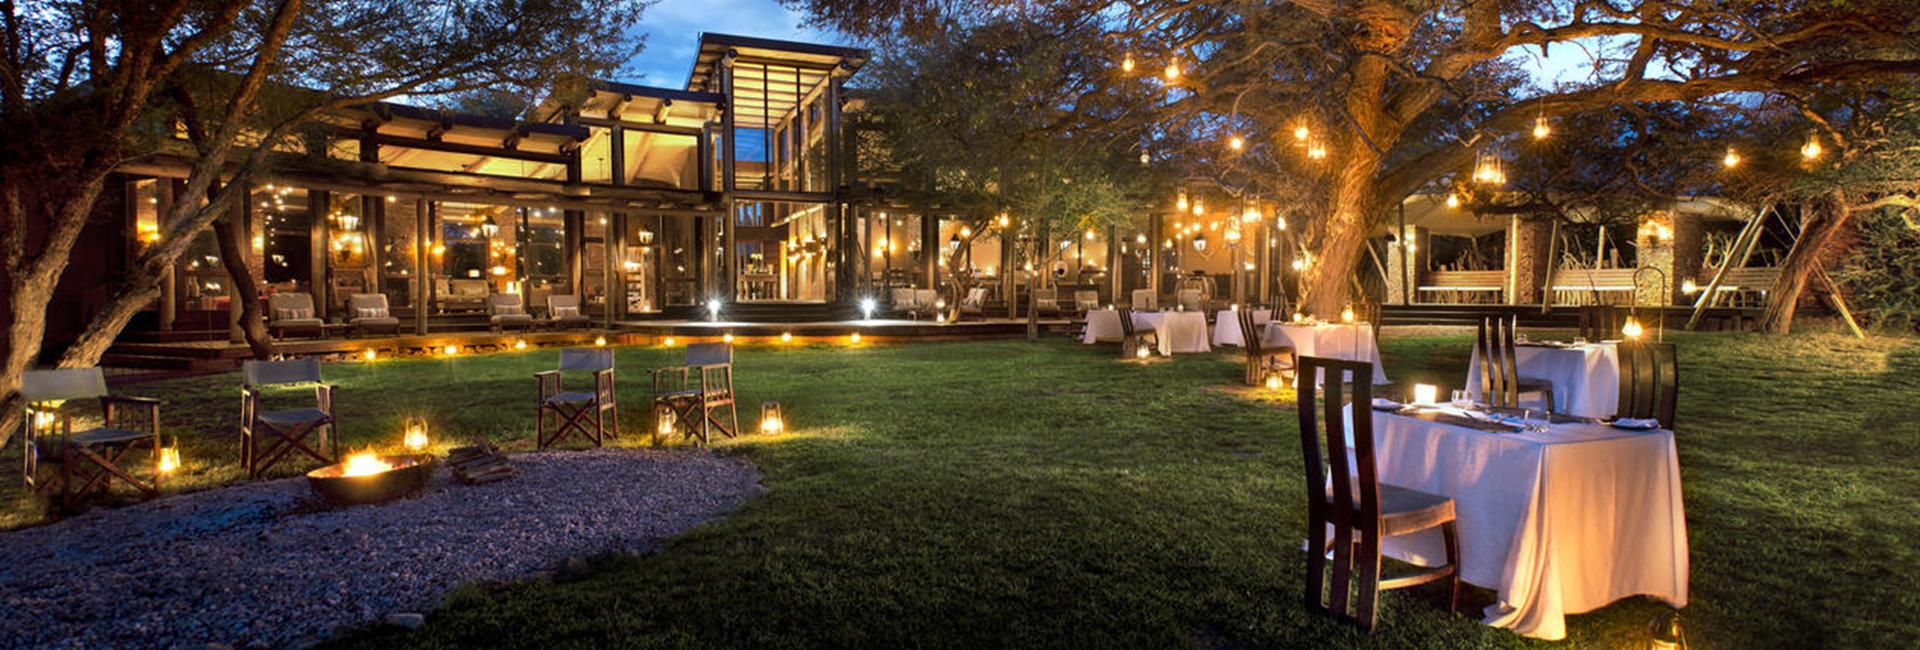 Marataba Safari Lodge Dining Area